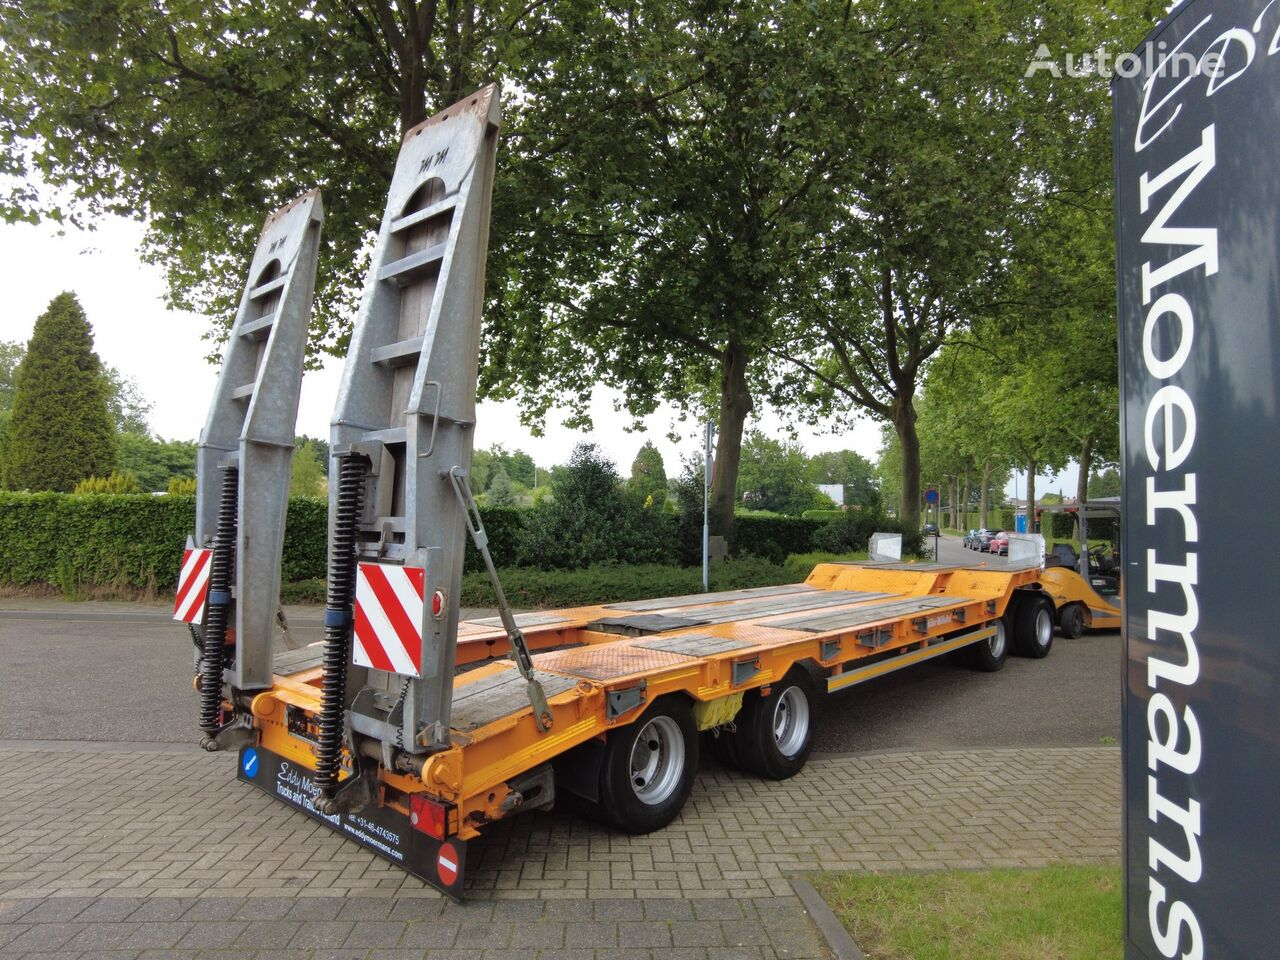 MULLER-MITTELTAL T4 Profi 40.0 low loader trailer